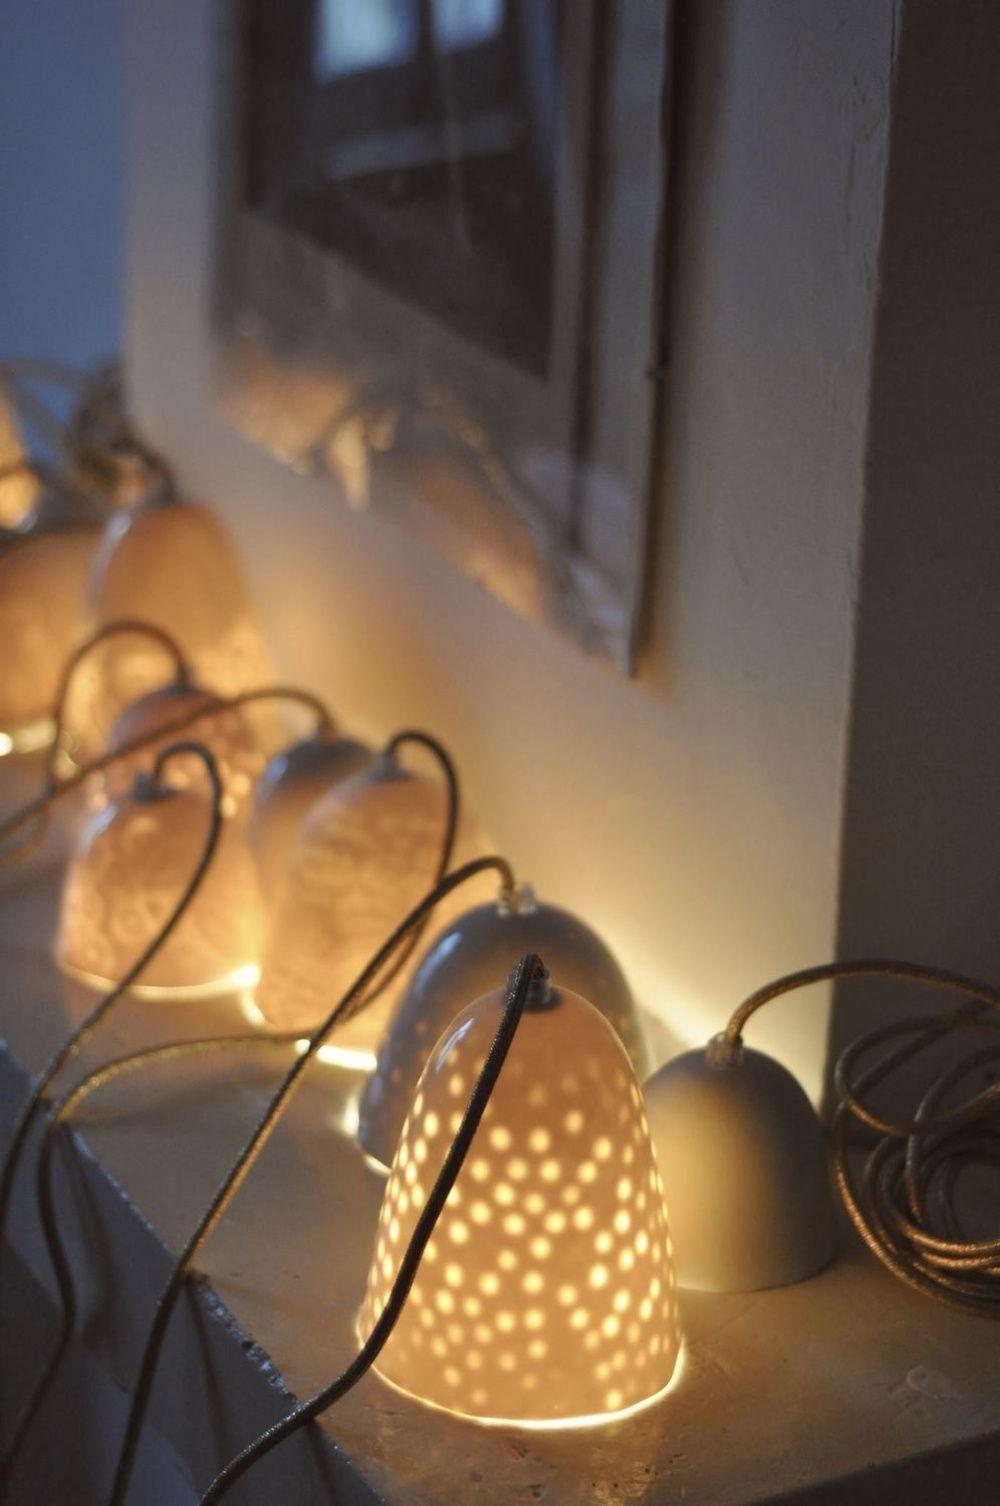 Lampes En Porcelaine Blanche Faites A La Main Elles Sont Montees Avec 3m De Cable Il Existe 3 Tailles Petit Handmade Lighting Hanging Lights Porcelain Lamp